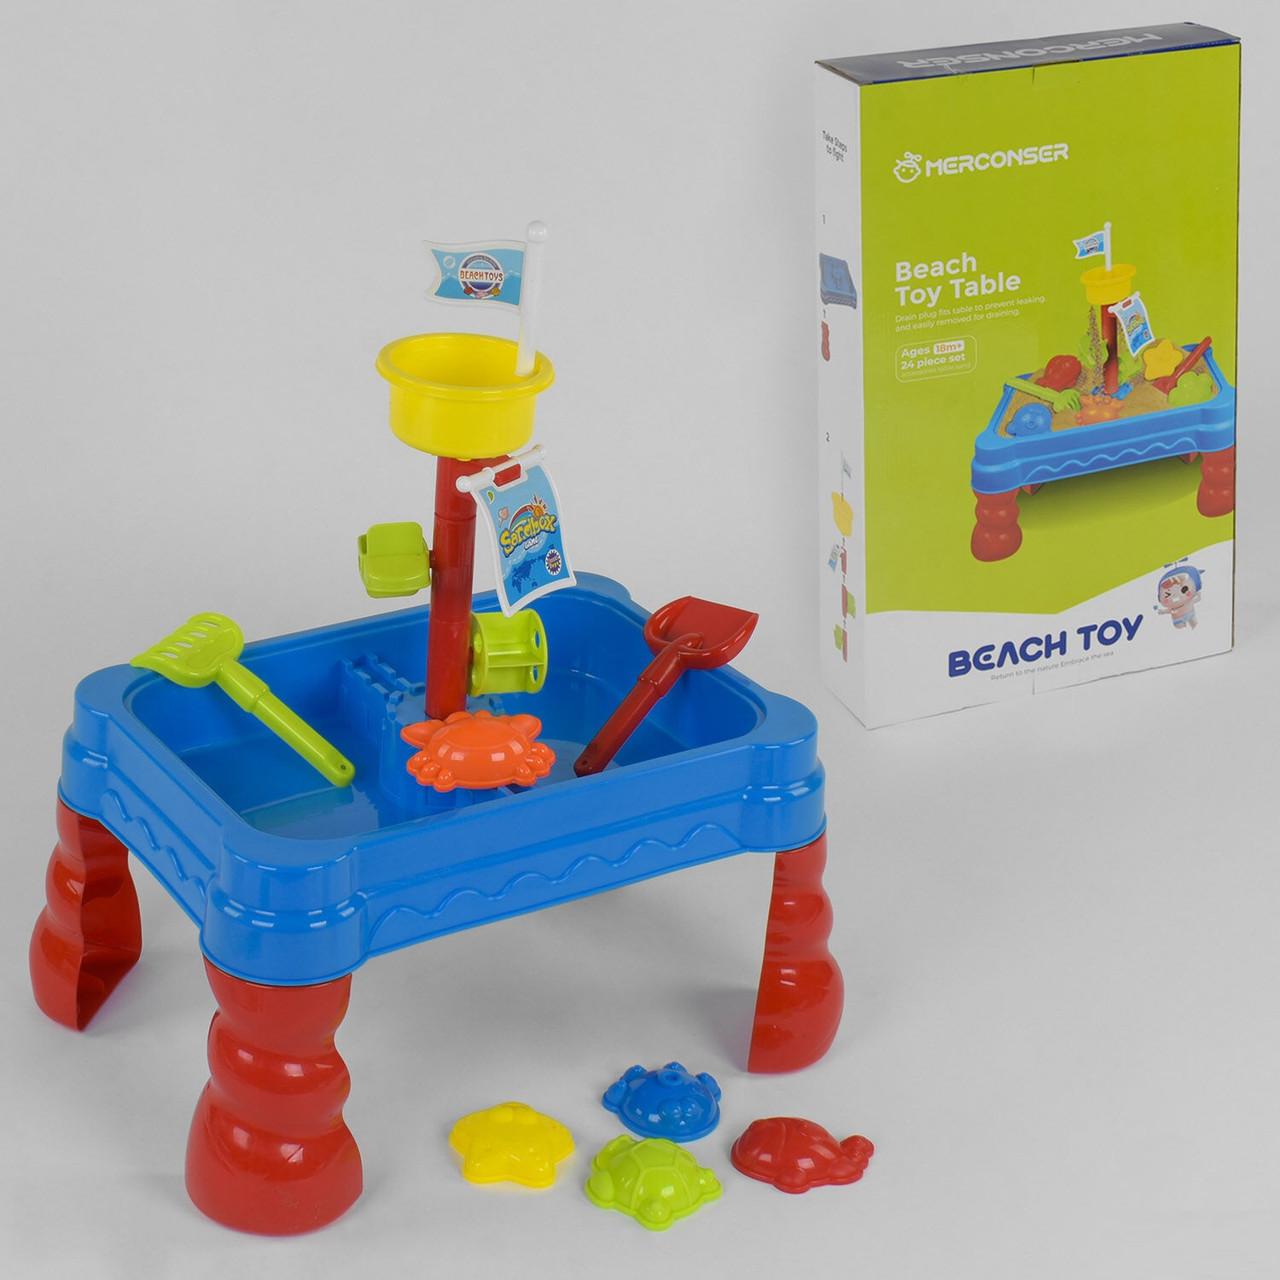 Дитячий ігровий переносний столик для гри з піском і водою 107 та аксесуарами